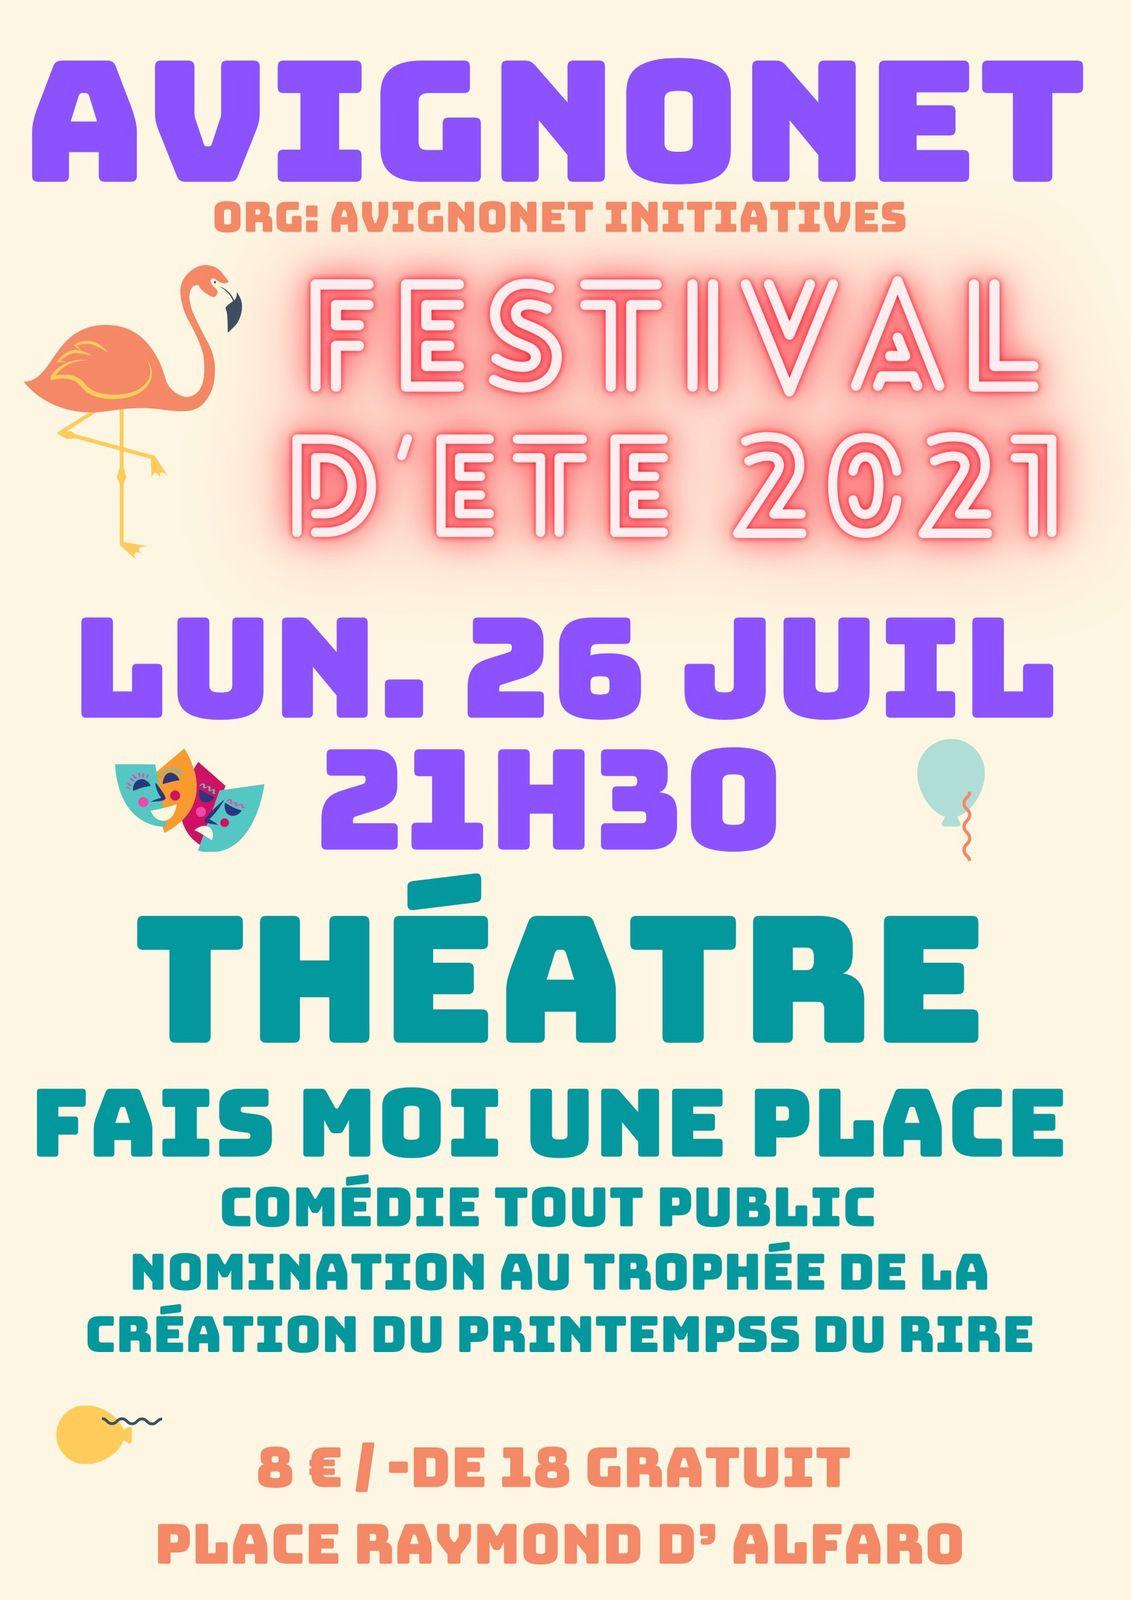 Ce soir, 26 juillet théâtre au Festival d'été d'Avignonet